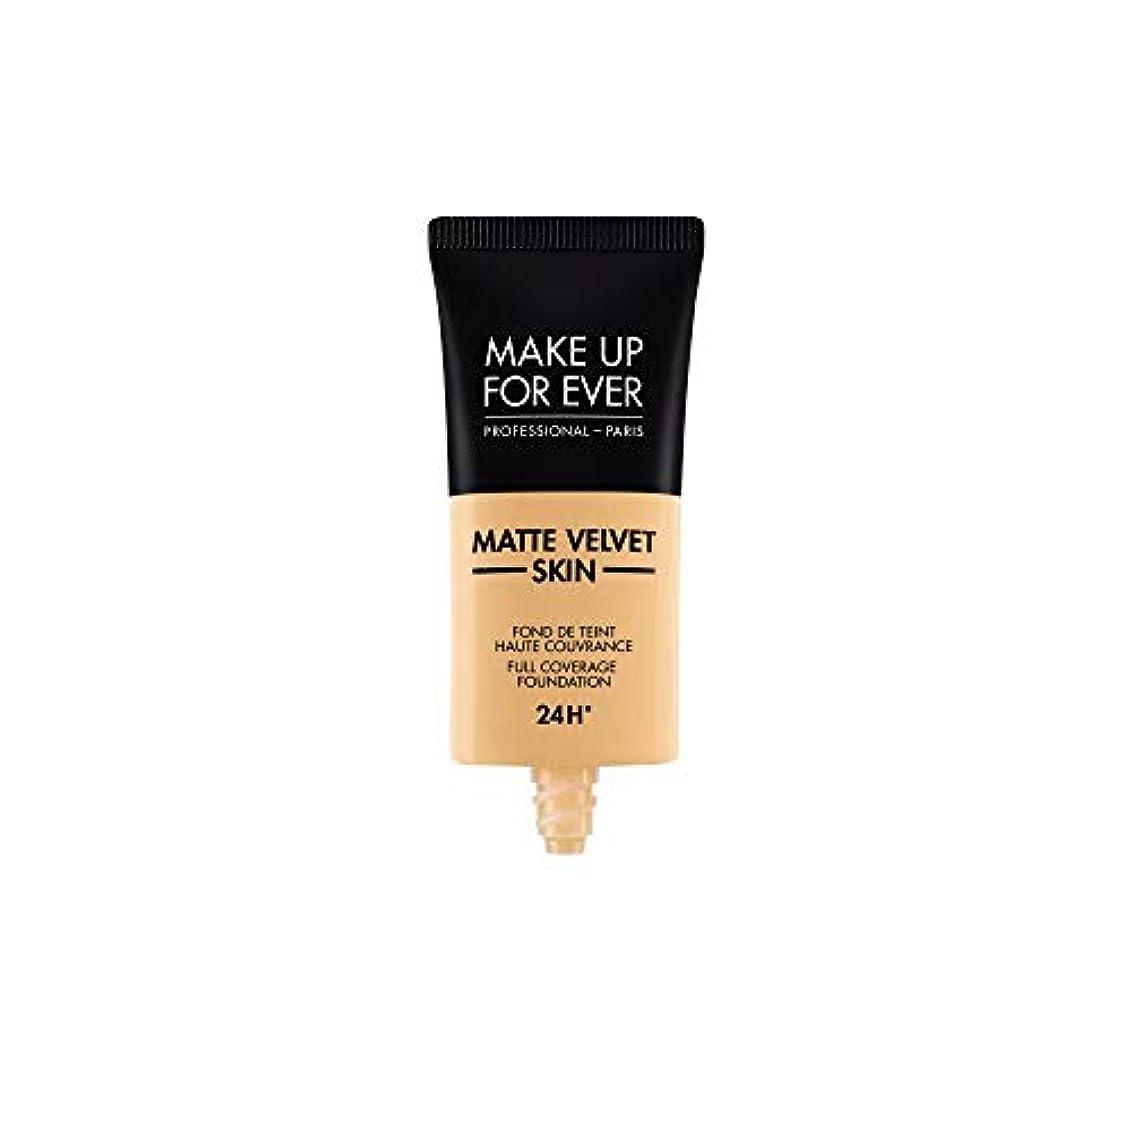 専門恥ばかげているメイクアップフォーエバー Matte Velvet Skin Full Coverage Foundation - # Y245 (Soft Sand) 30ml/1oz並行輸入品